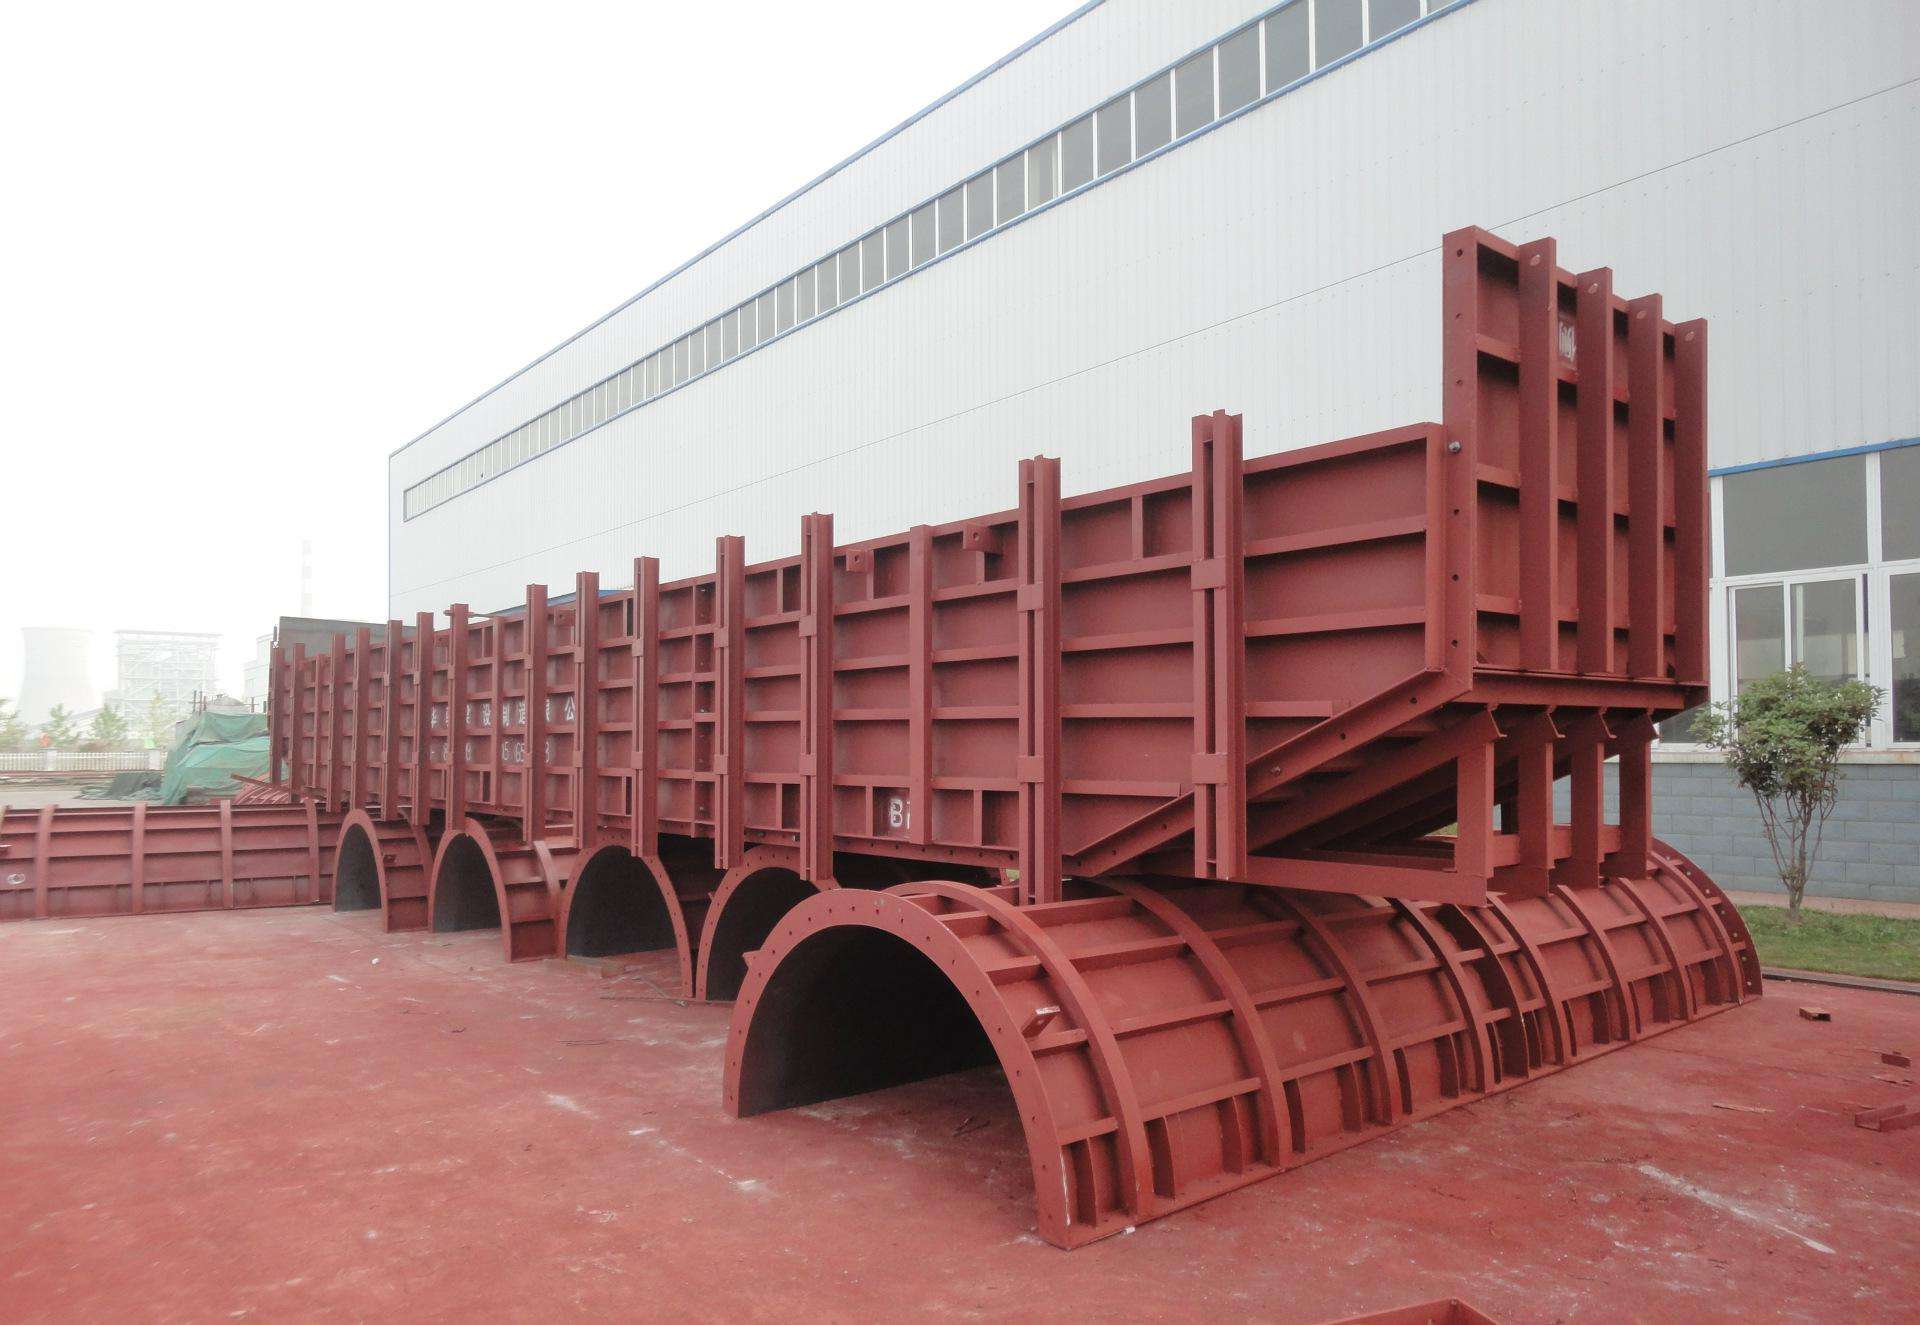 盖梁模板出售、盖梁底侧板加工、盖梁模板厂家哪家好-天力建筑